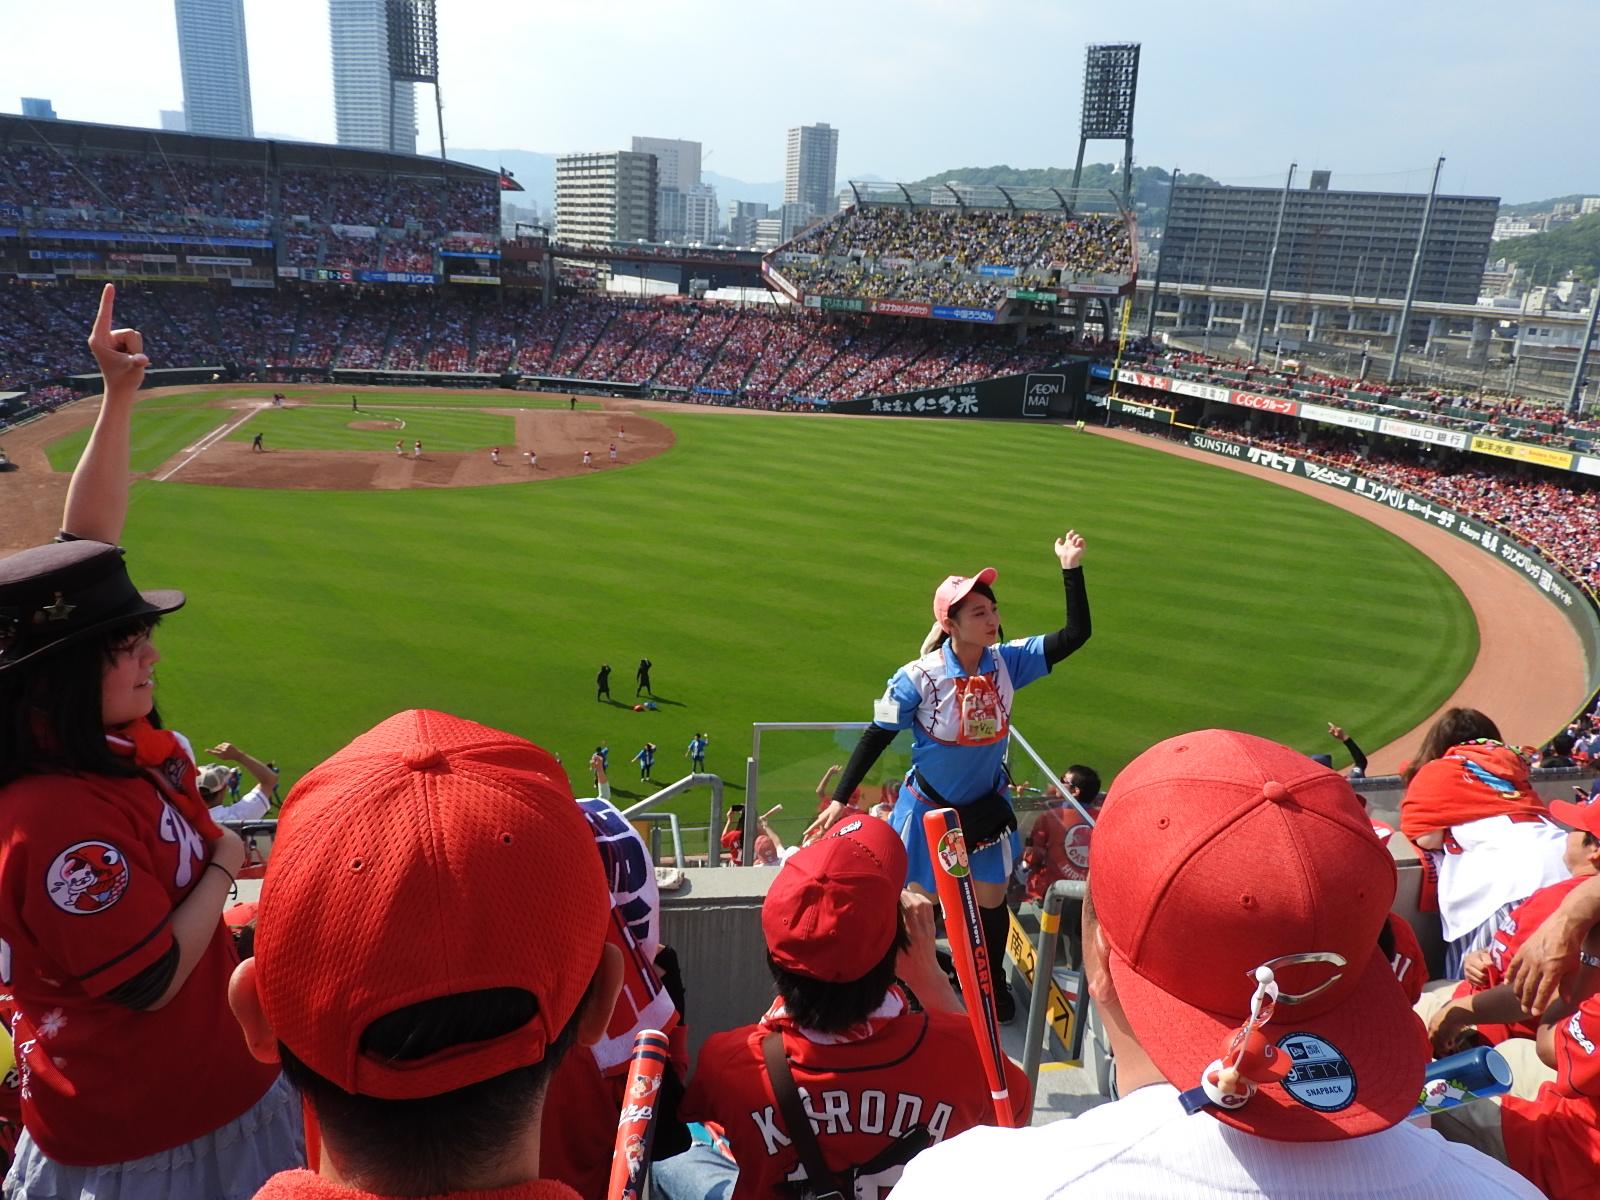 広島東洋カープ注目の「高卒3年目」プレイヤーであげられた選手は?